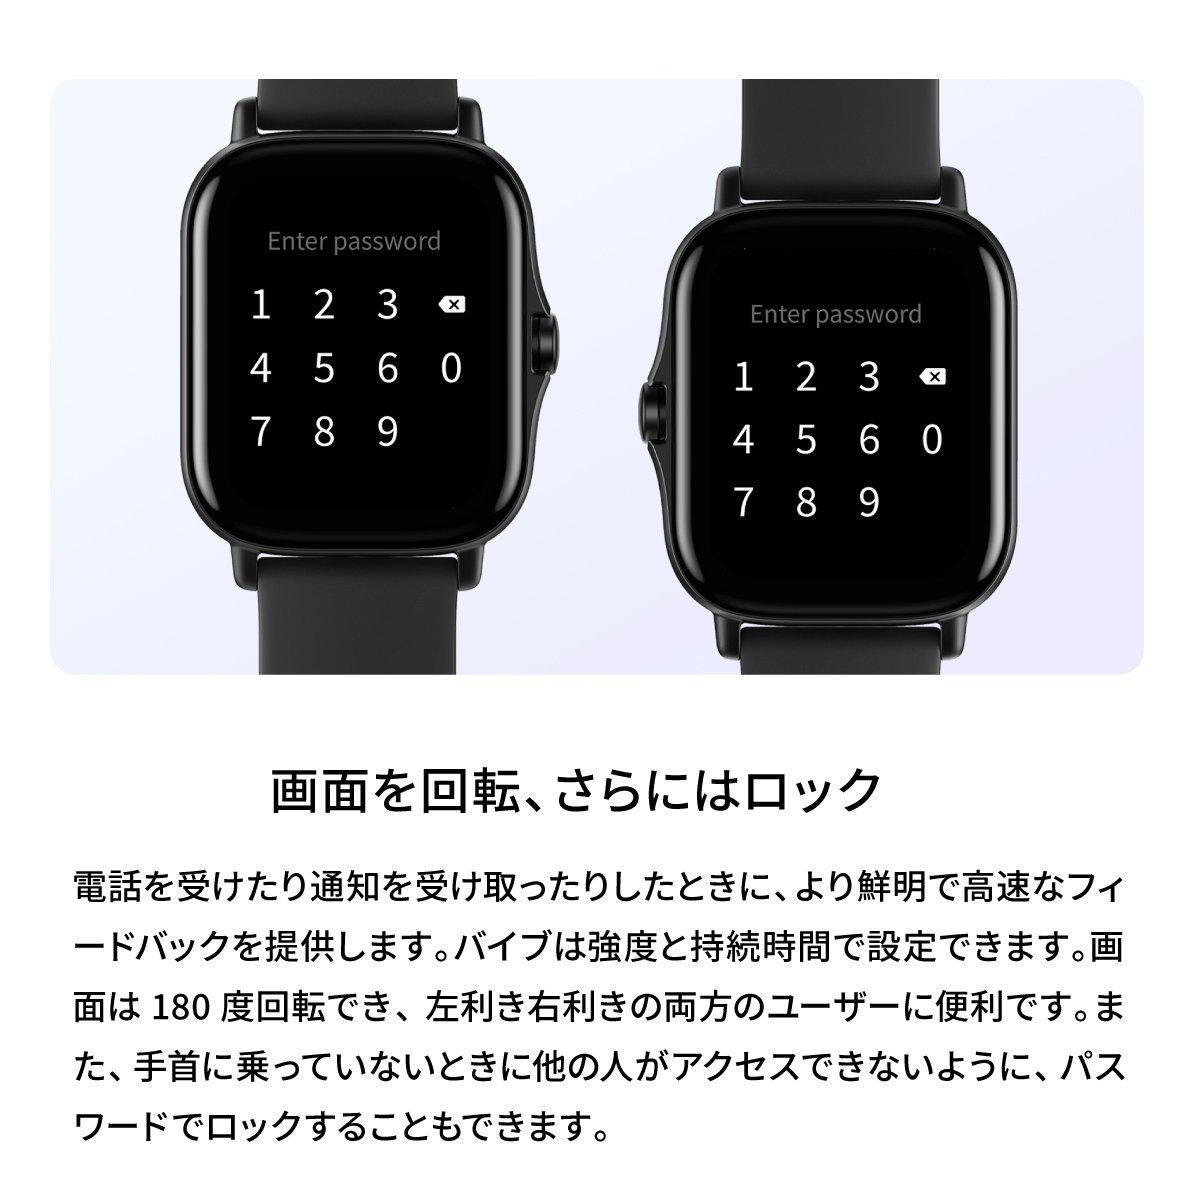 アマズフィット AMAZFIT スマートウォッチ GTS2e オブシディアンブラック GPS 腕時計 メンズ レディース ウェアラブル SP170034C01